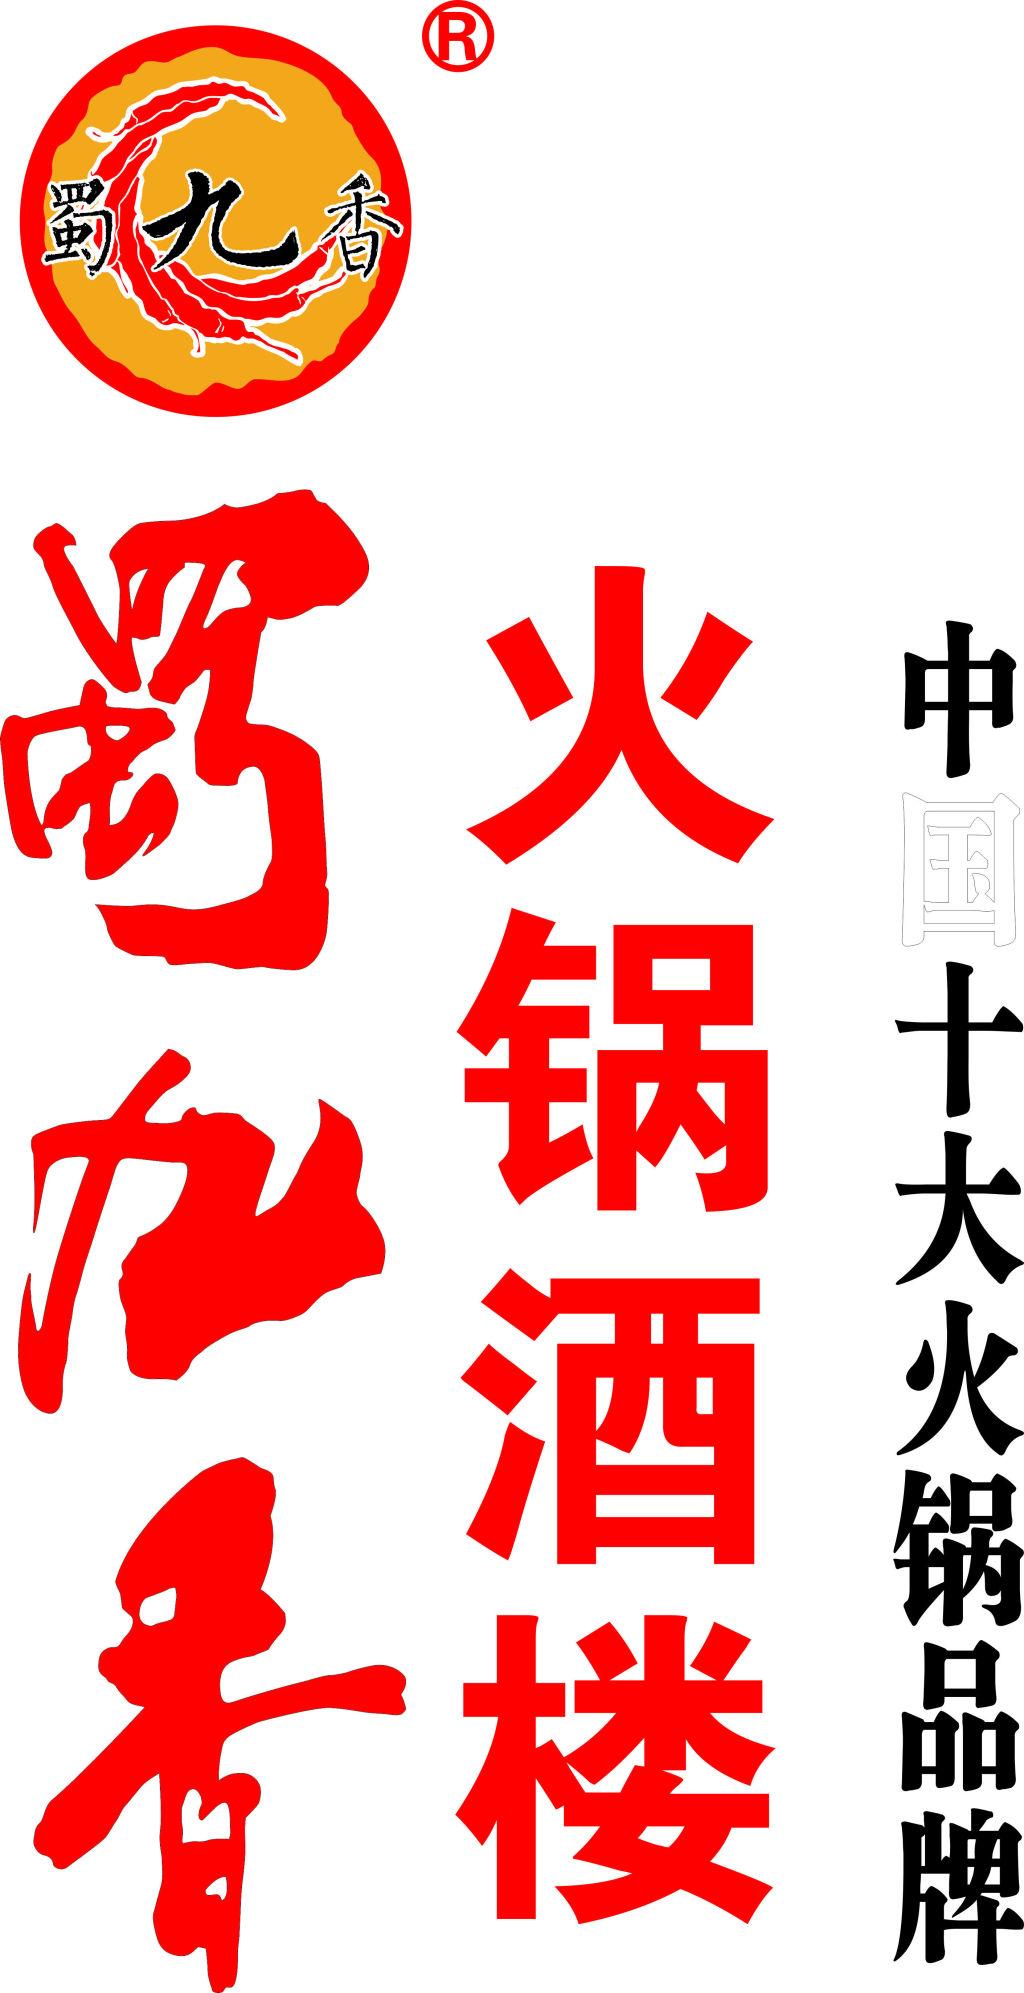 SHU JIU XIANG HOT POT SERIES RESTAURANT